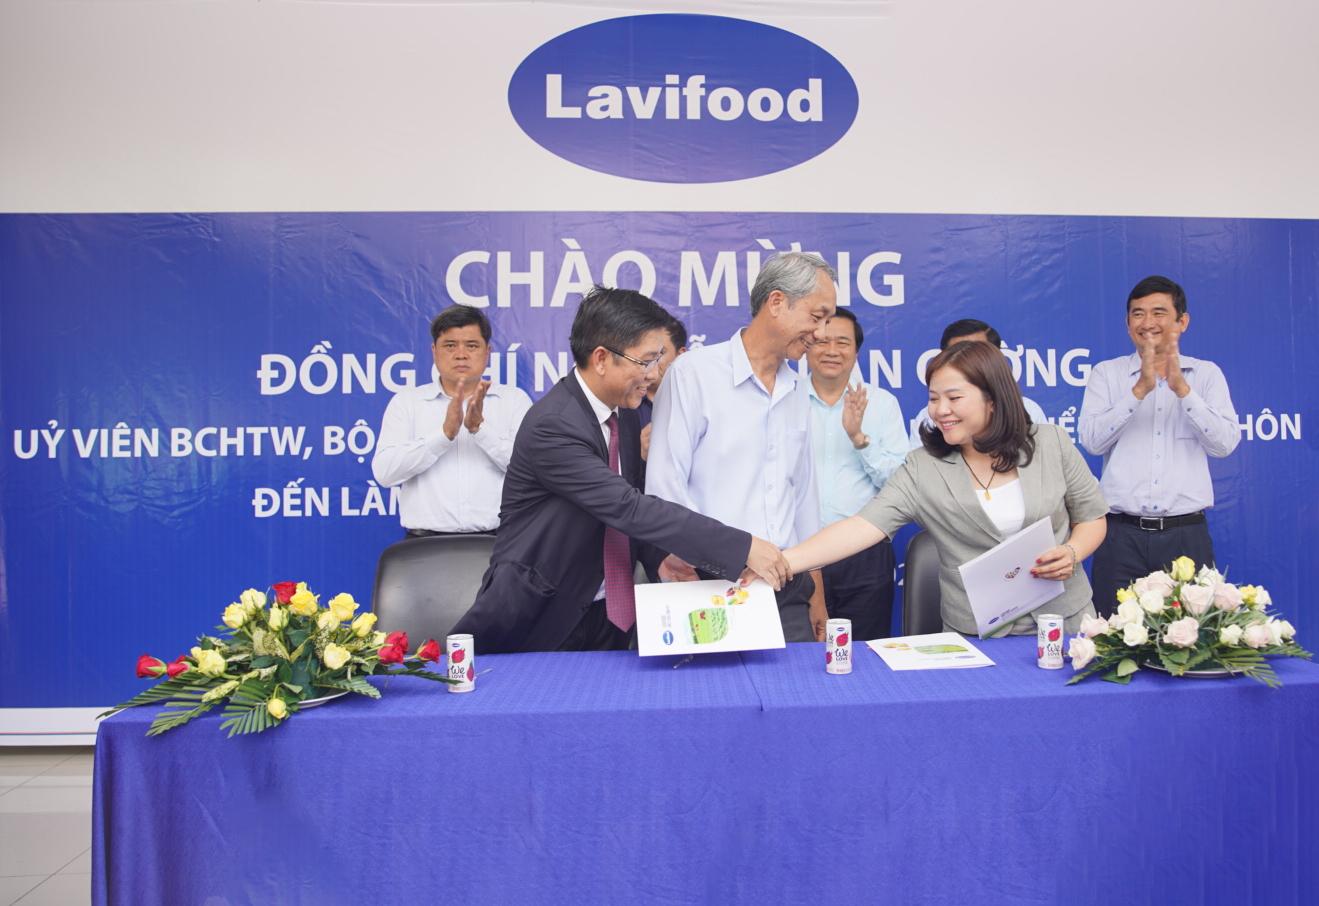 SCB, Lavifood và Quỹ Khởi Nghiệp Xanh ký cam kết đồng hành hỗ trợ nông dân Việt